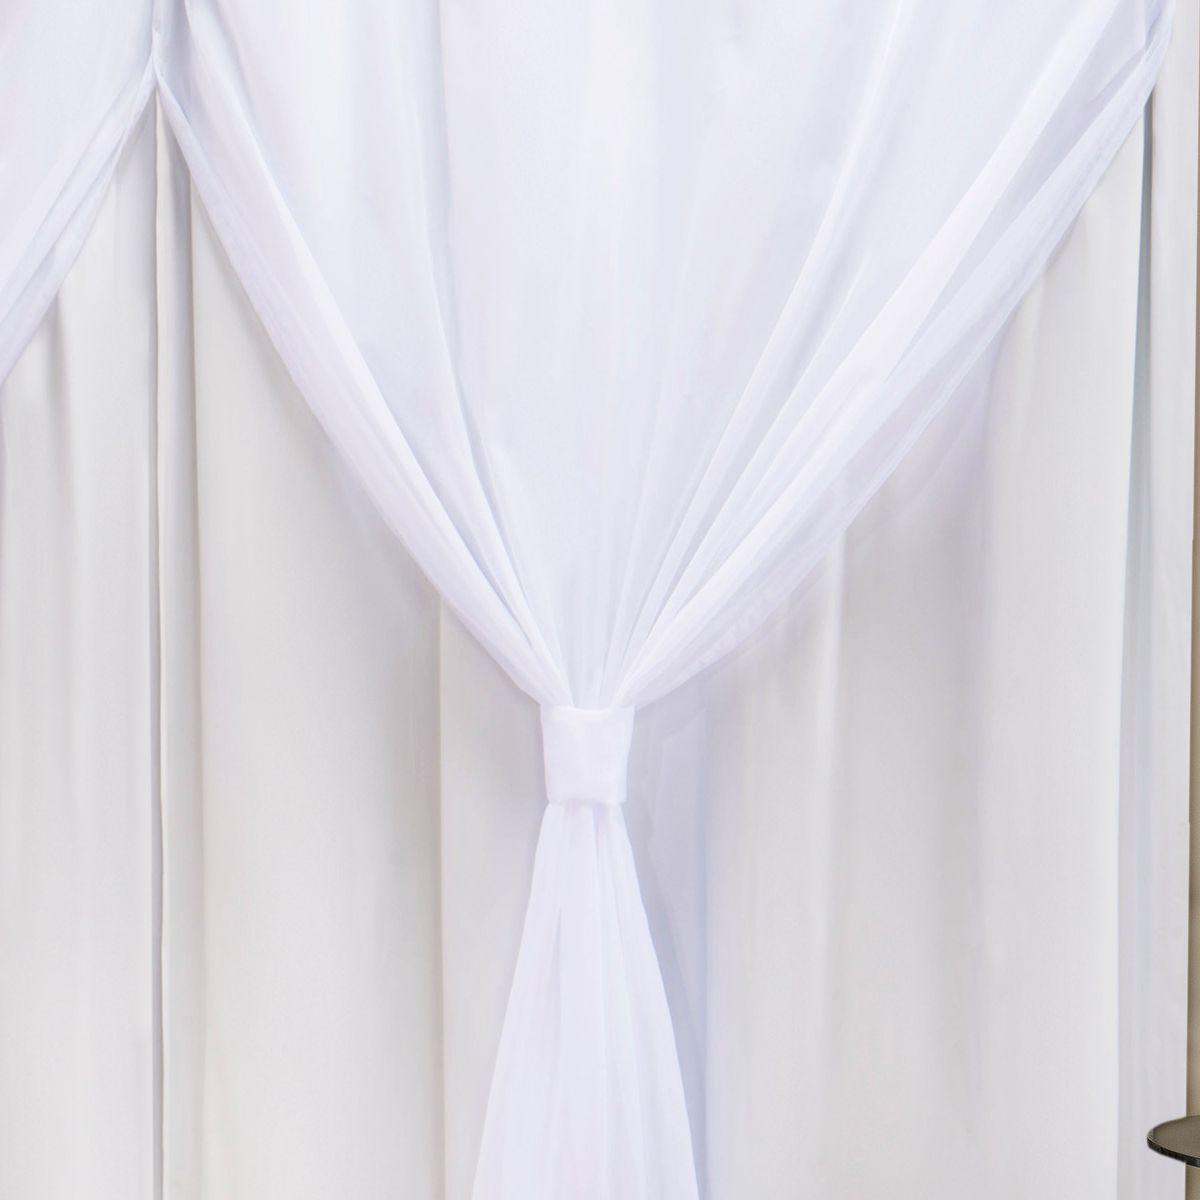 Cortina Blackout PVC c/ Voil Branco Corta Luz 4,20m X 2,50m